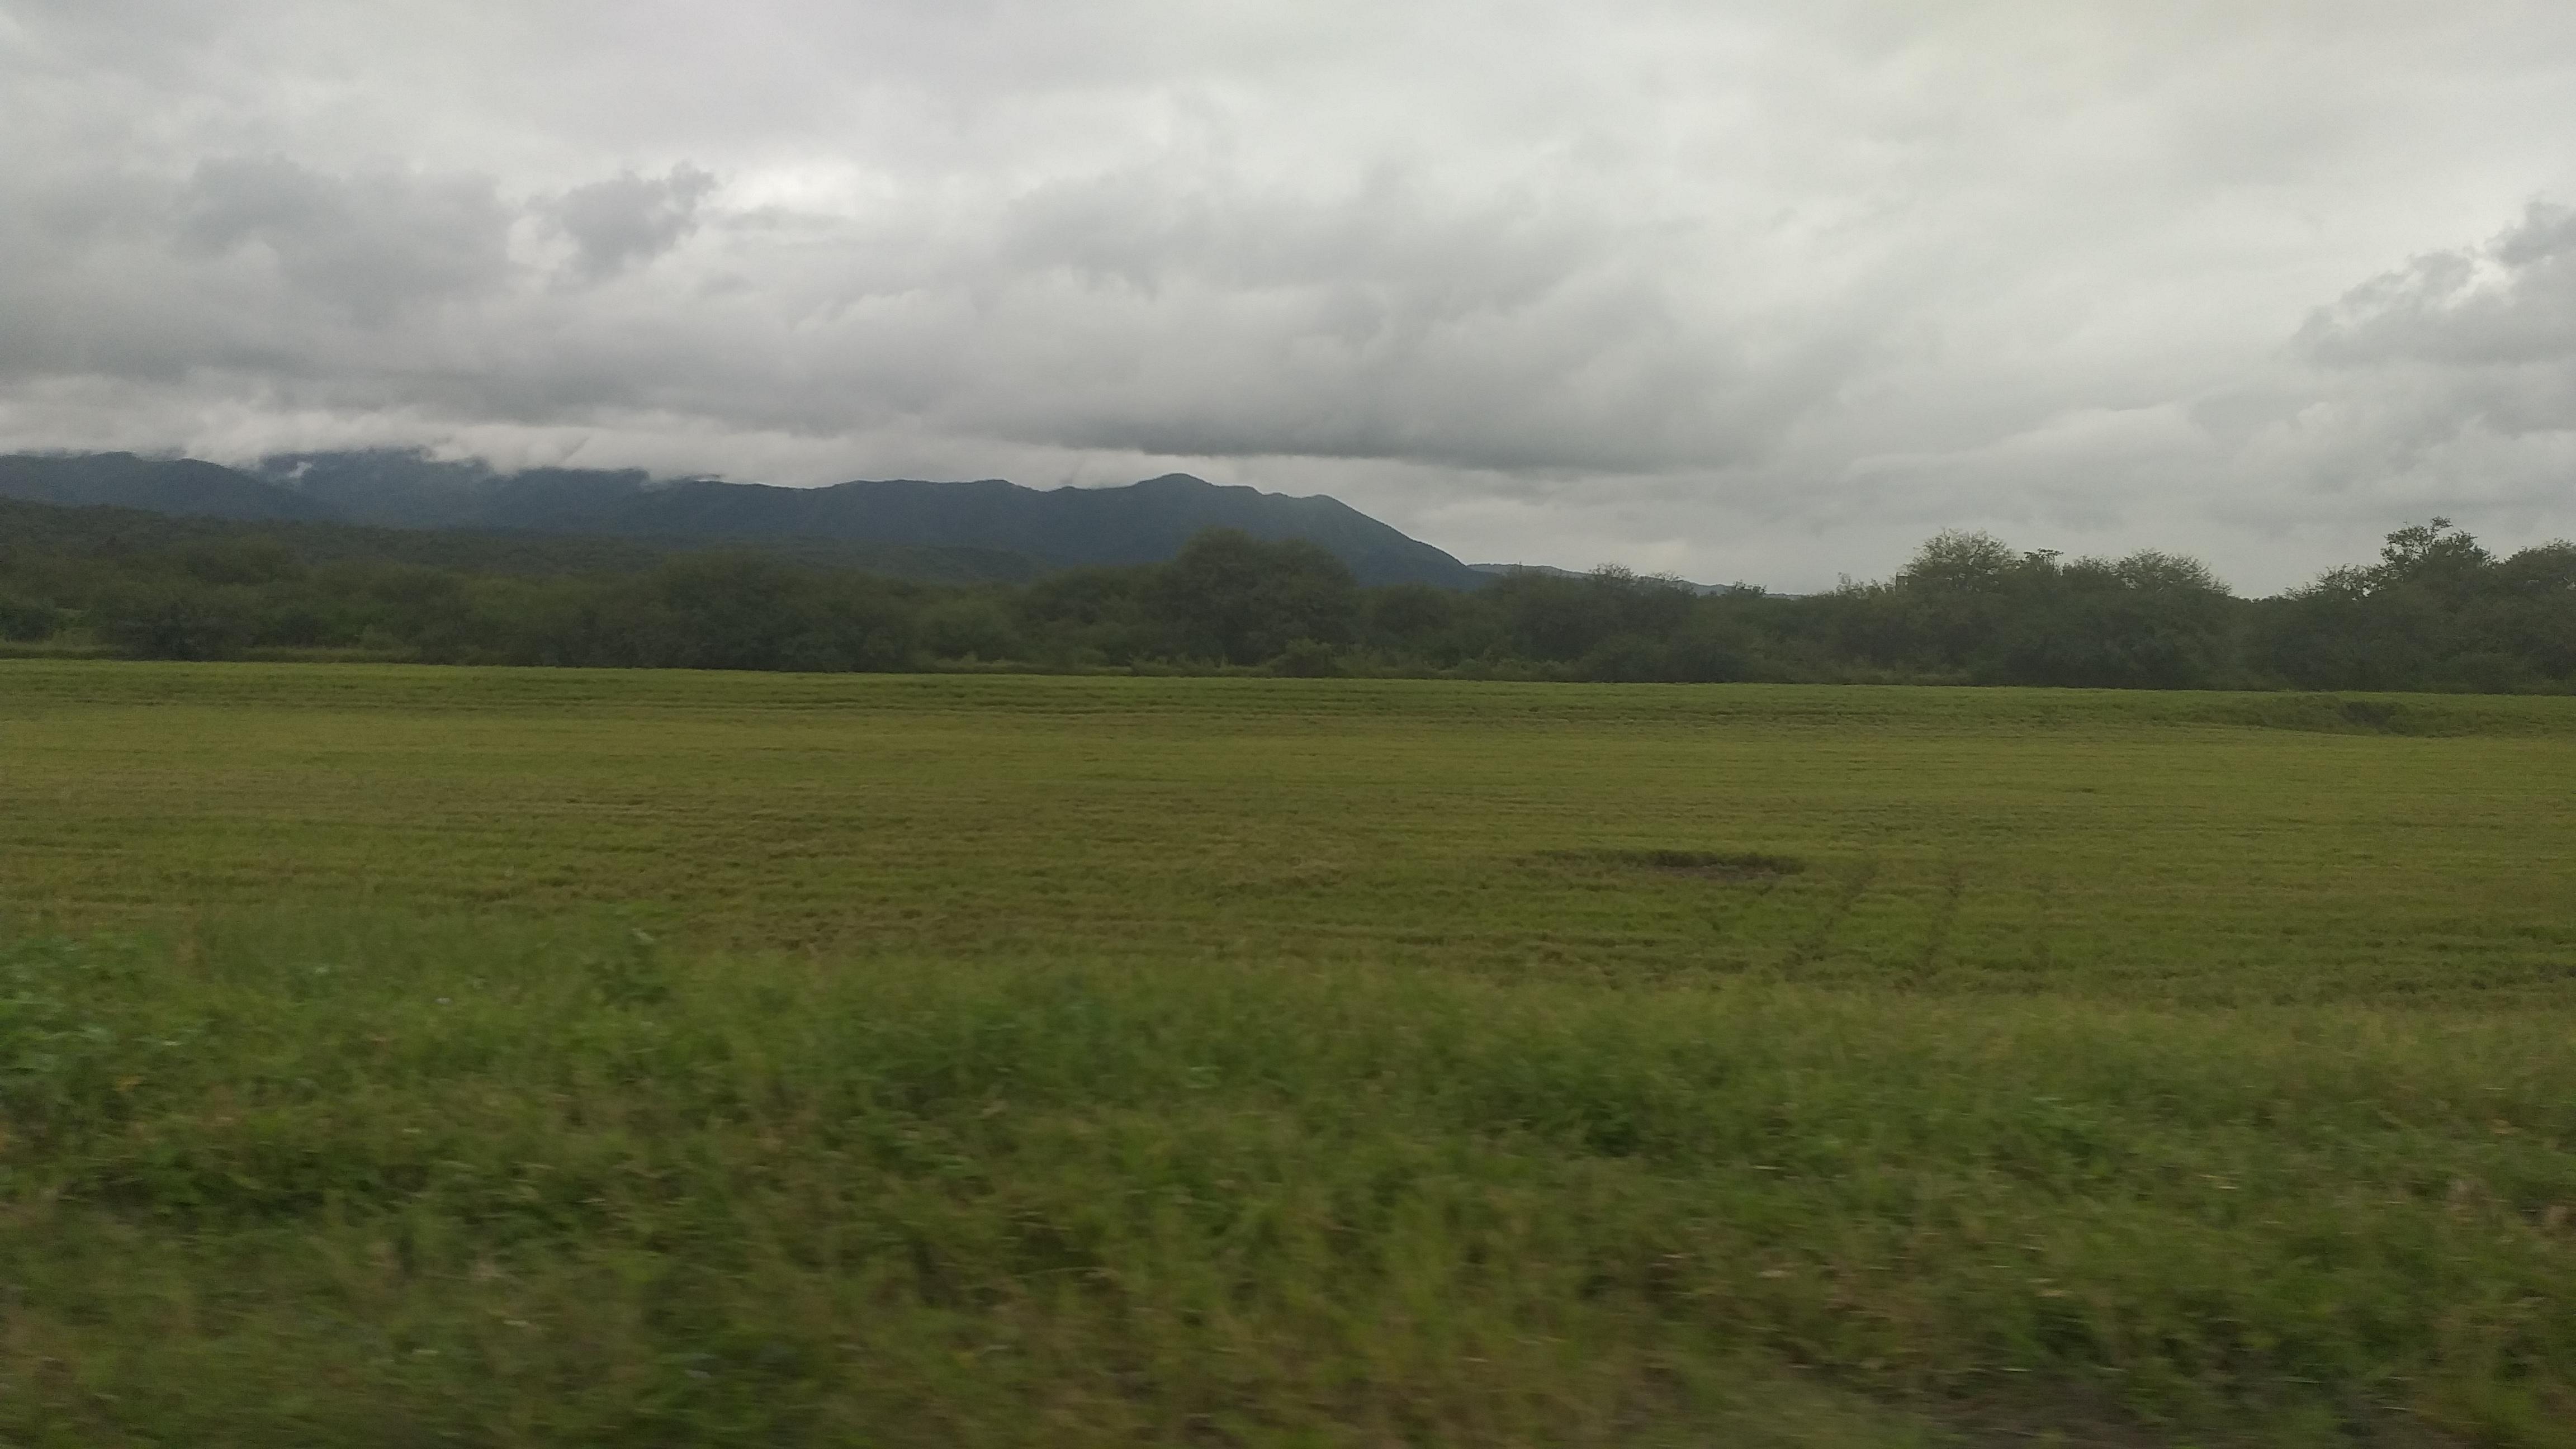 Ruta Nacional 9 - Salta - Argentina